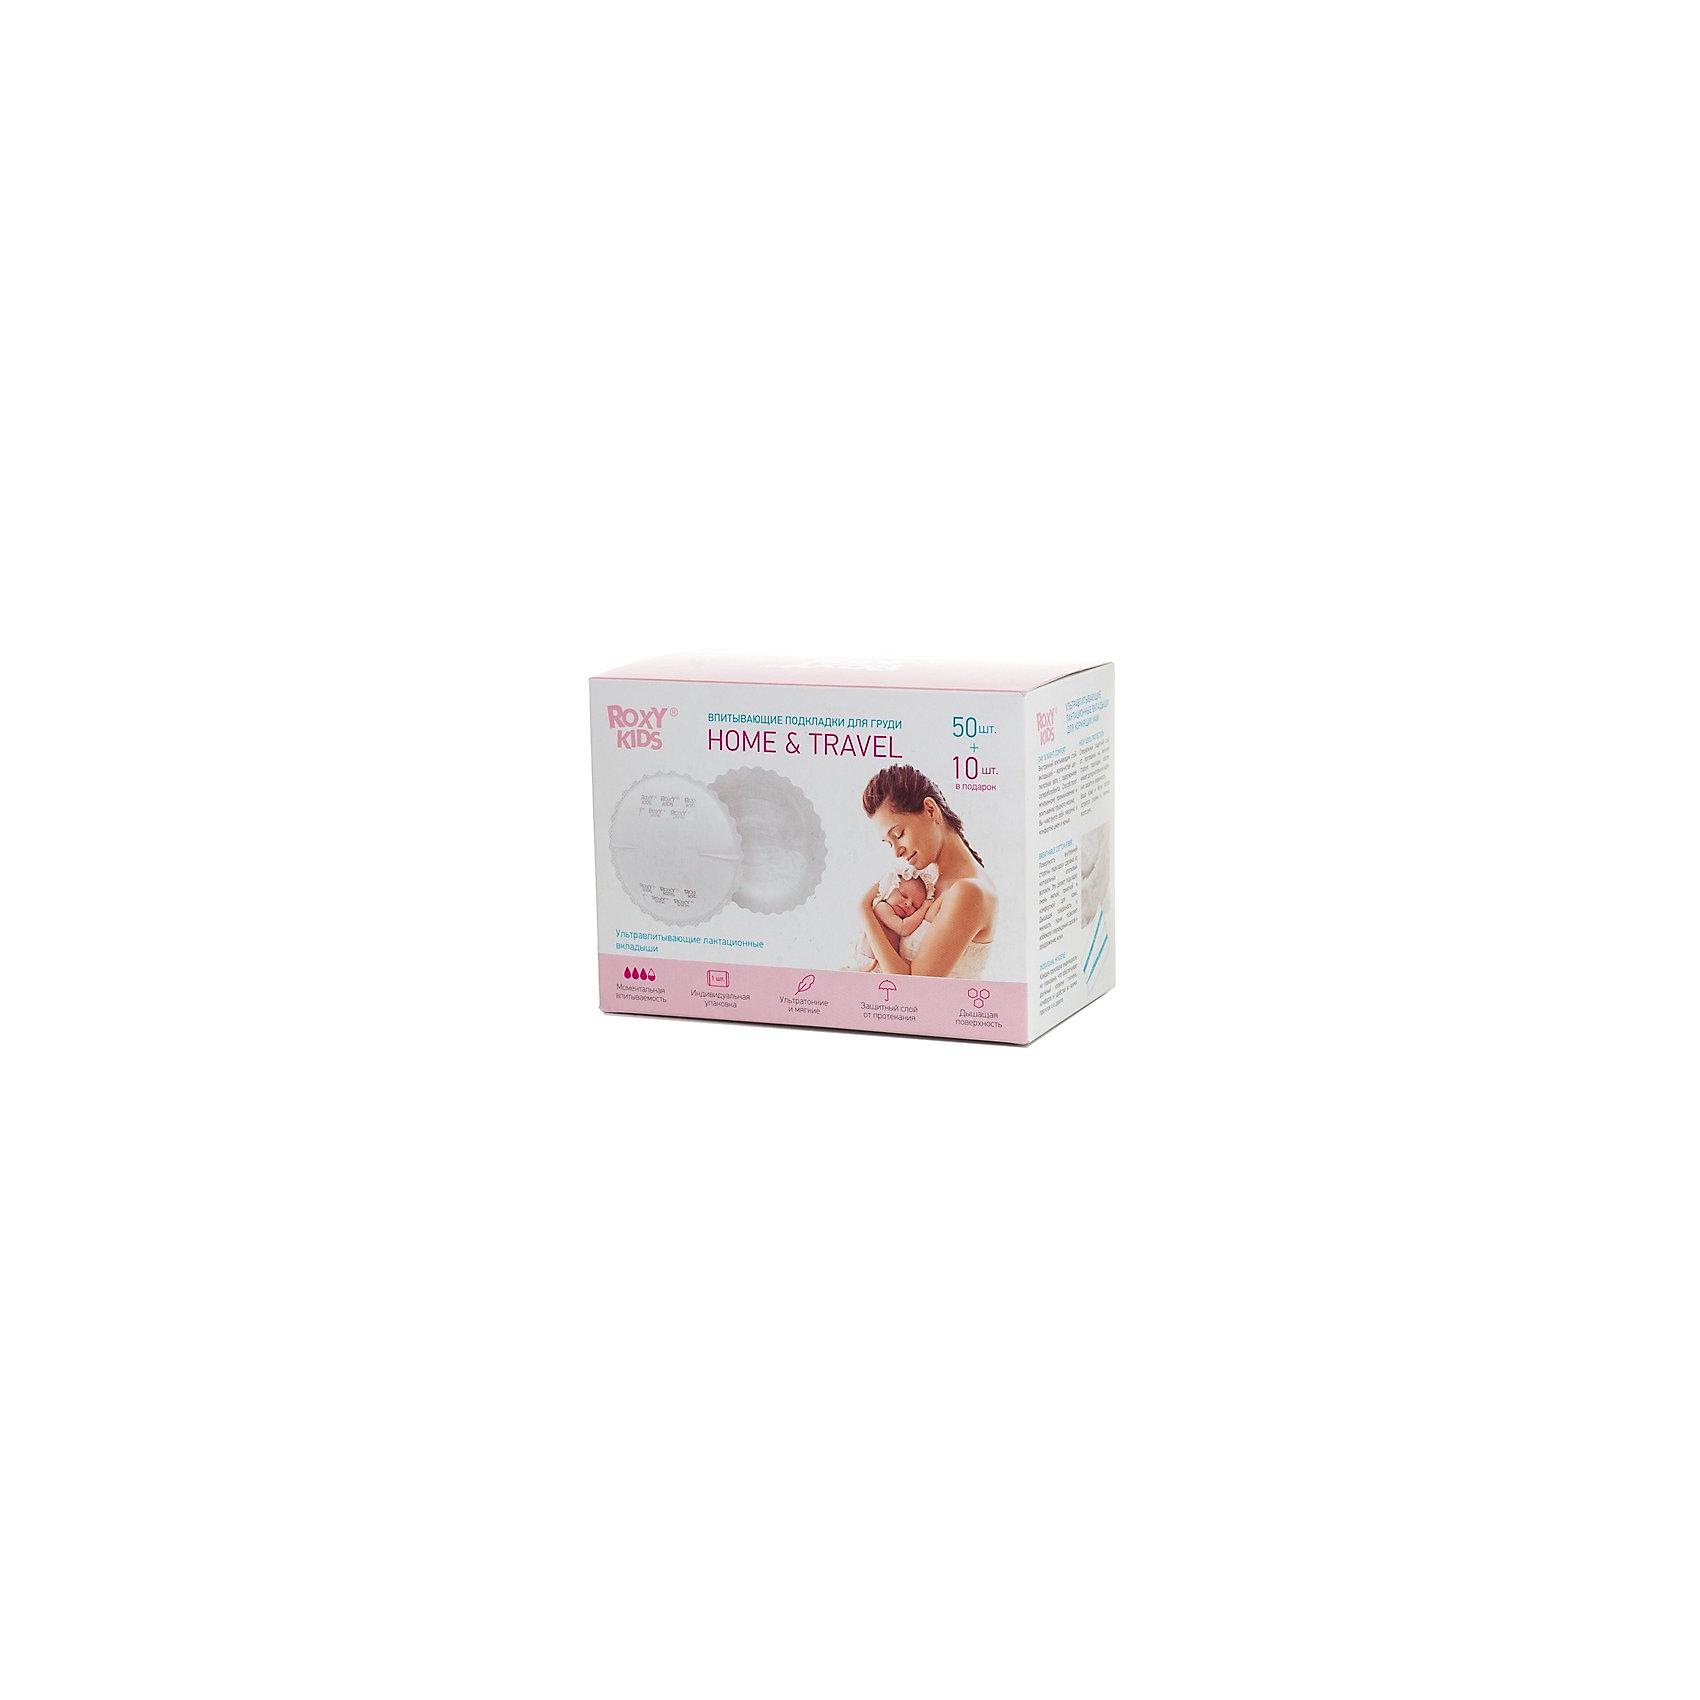 Ультратонкие лактационные вкладыши для груди HOMETRAVEL (60 шт.), Roxy-Kids